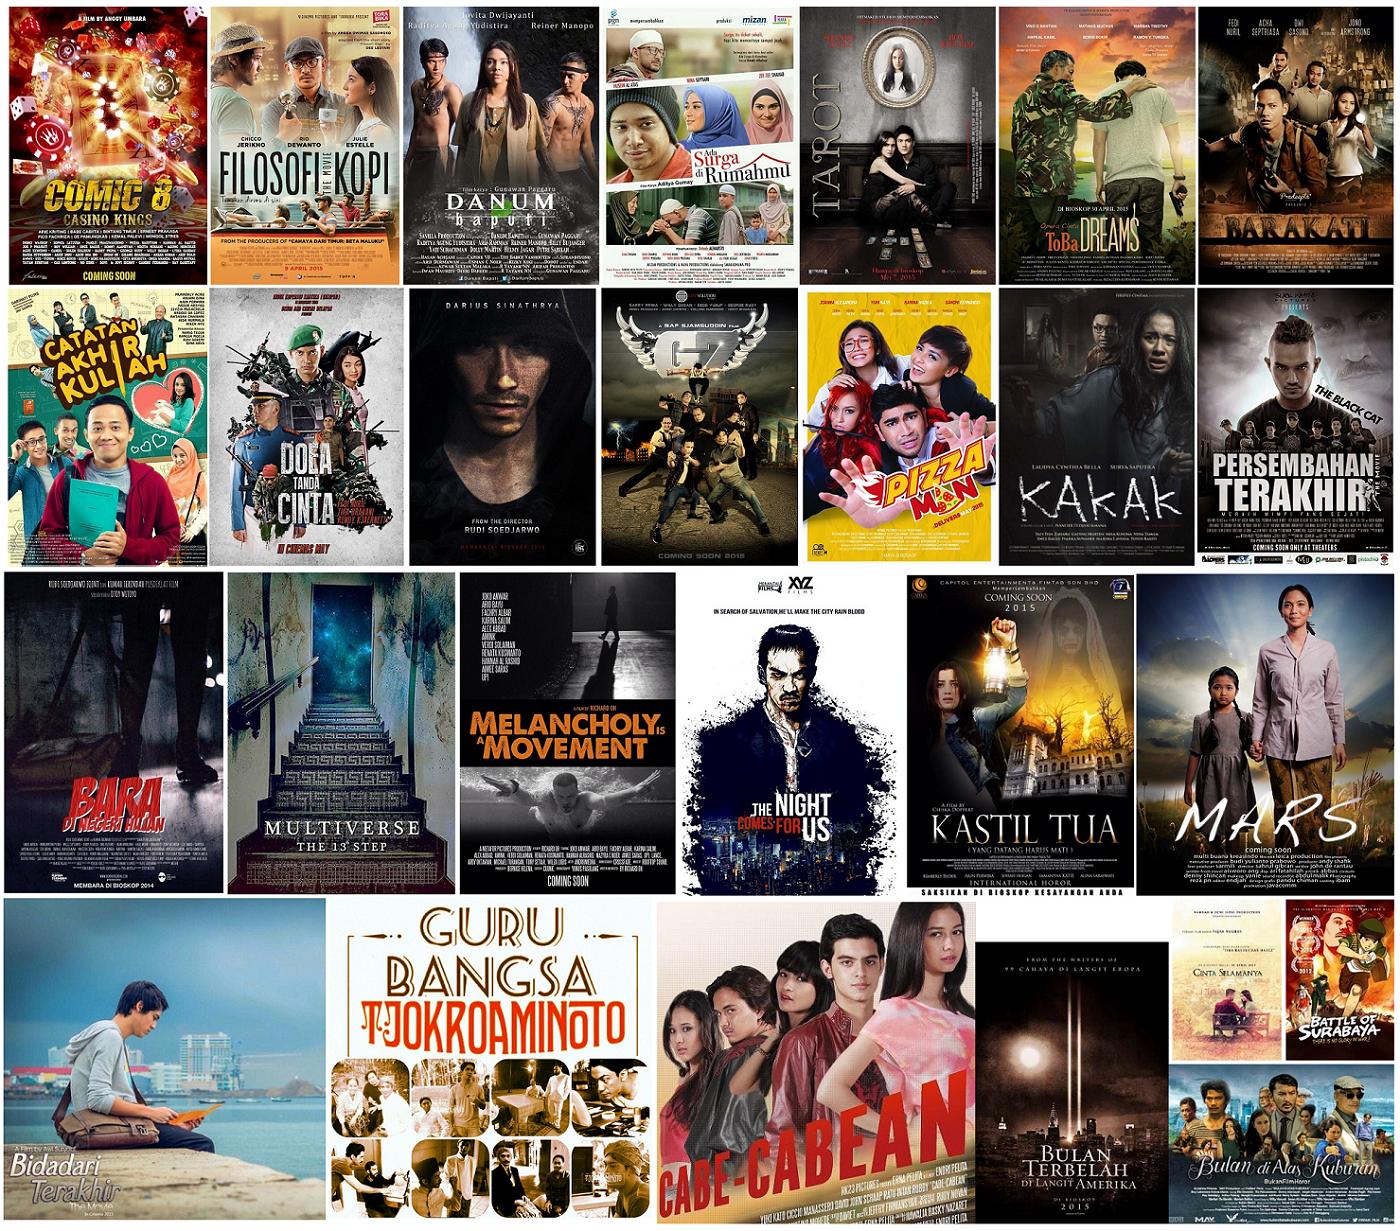 Daftar Film Indonesia Rilis Bioskop 2015